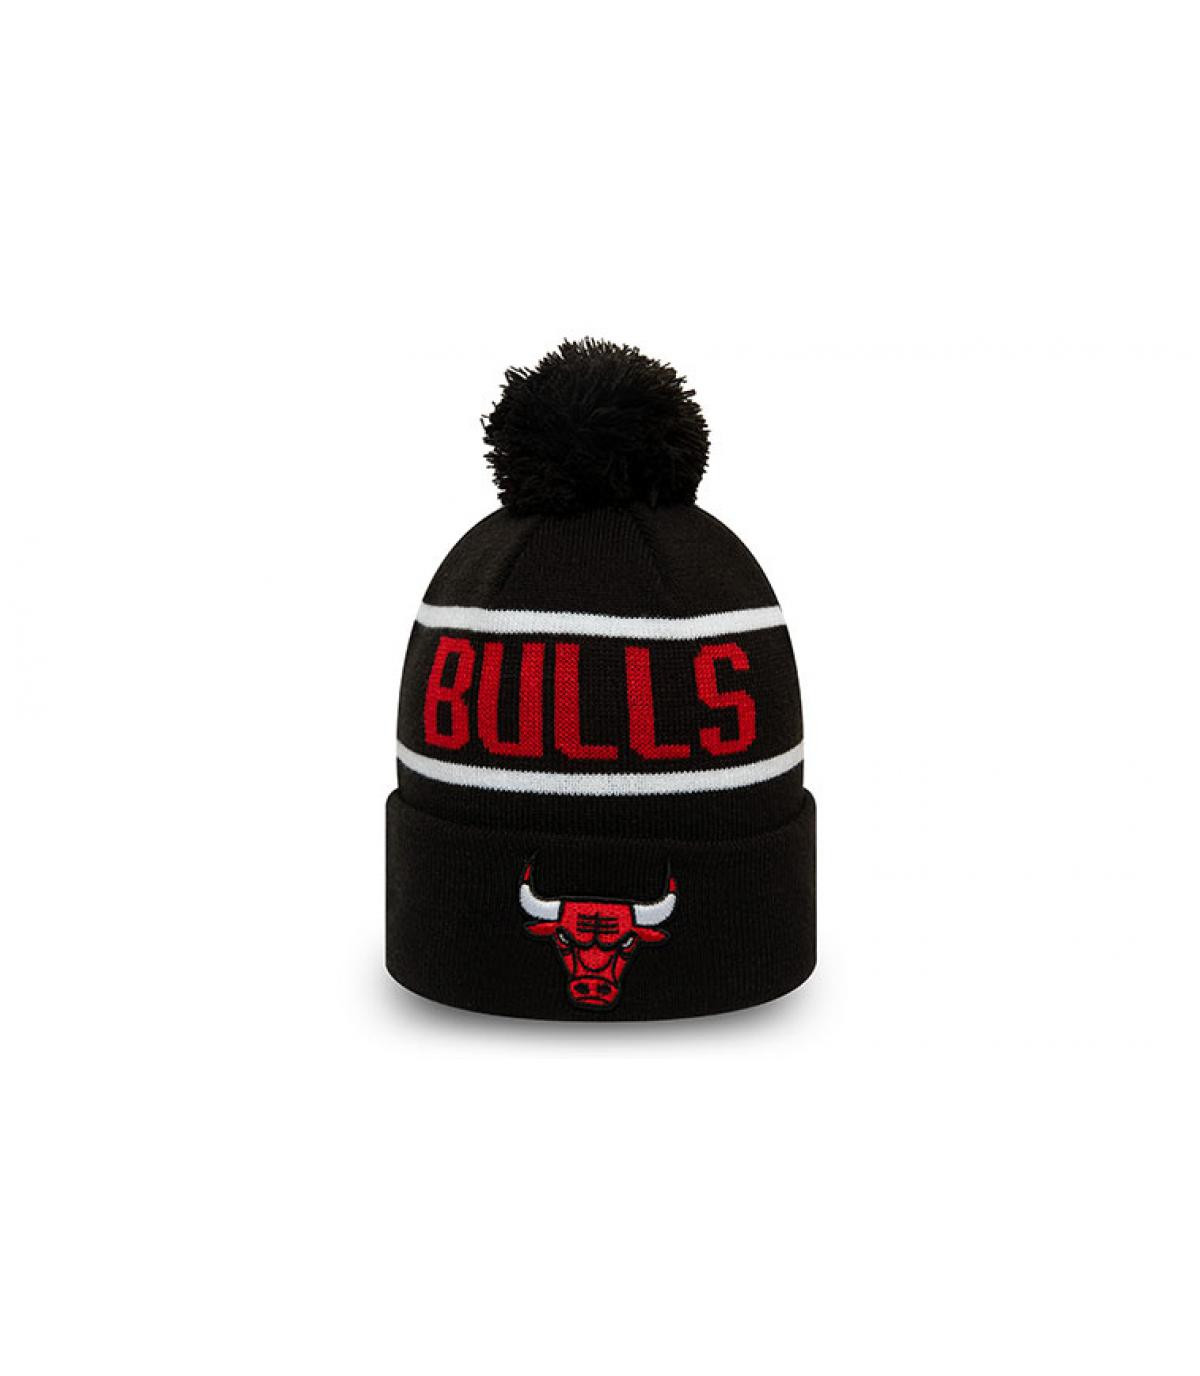 Kindermütze Bulls schwarz